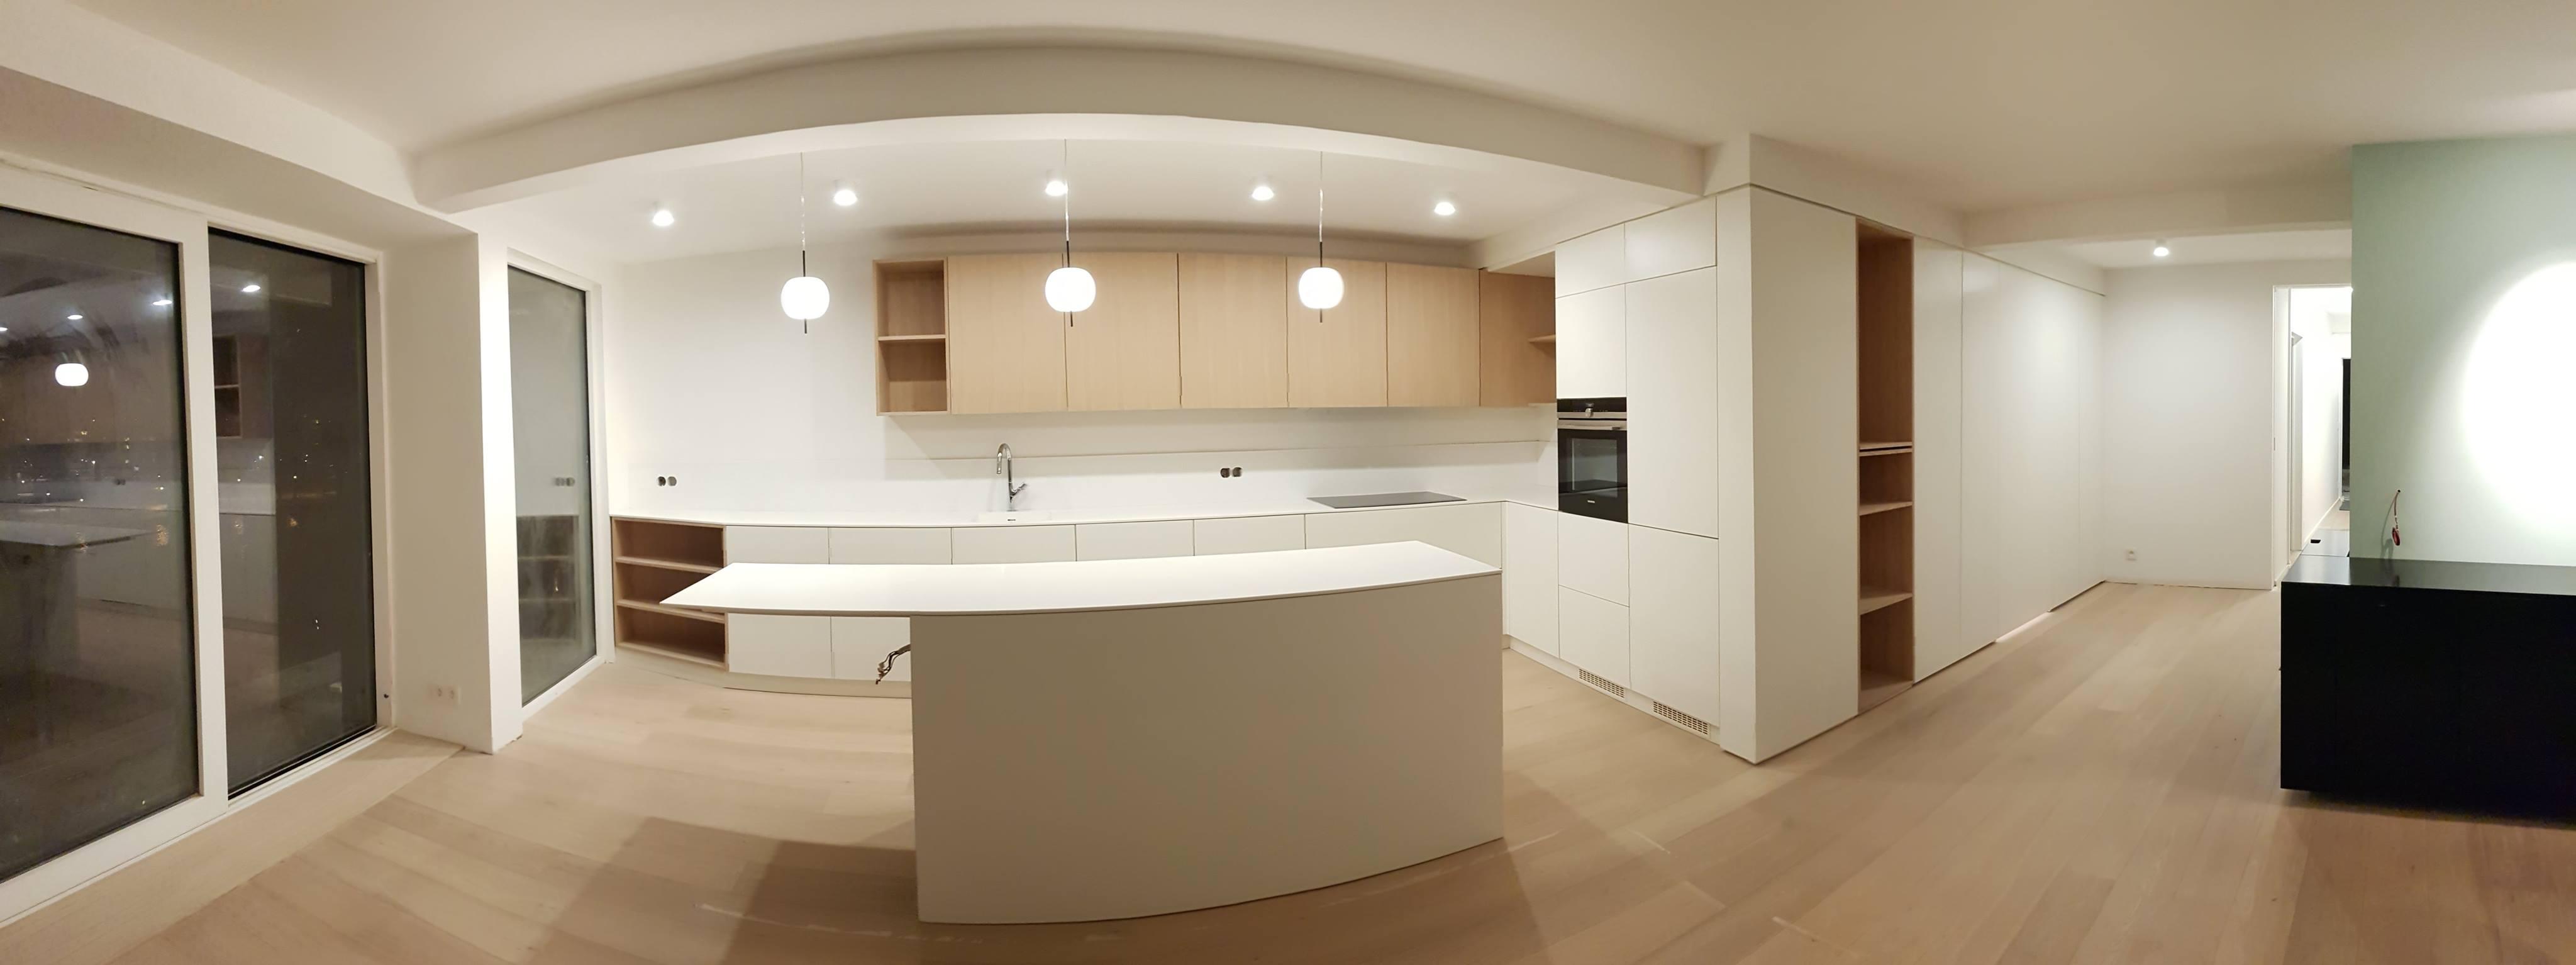 Réalisation d'une cuisine sur mesure à Liège, avec faux-plafond, parquet et meuble placard d'entrée.